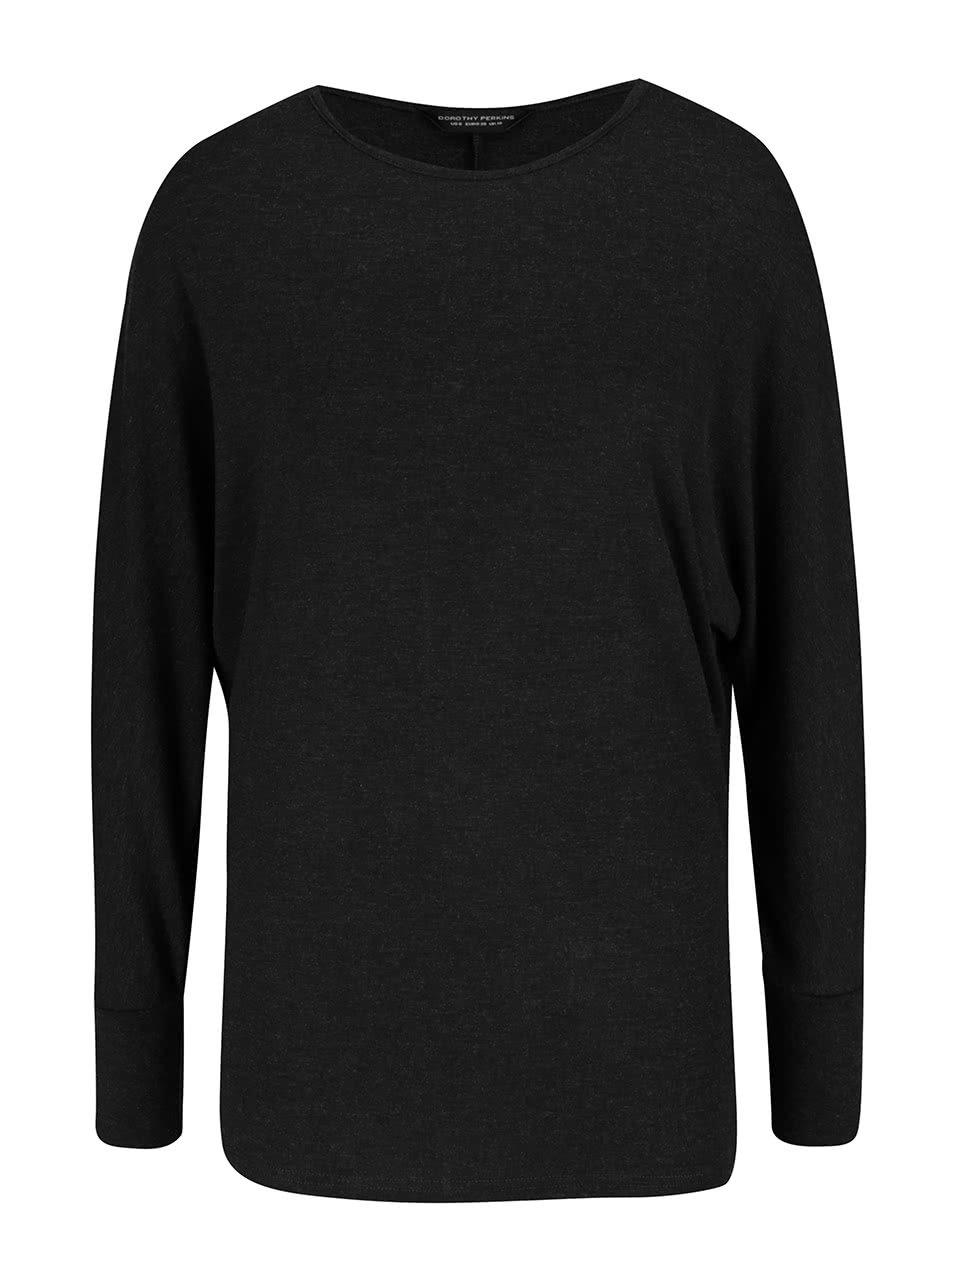 Tmavě šedé tričko s netopýřími rukávy Dorothy Perkins